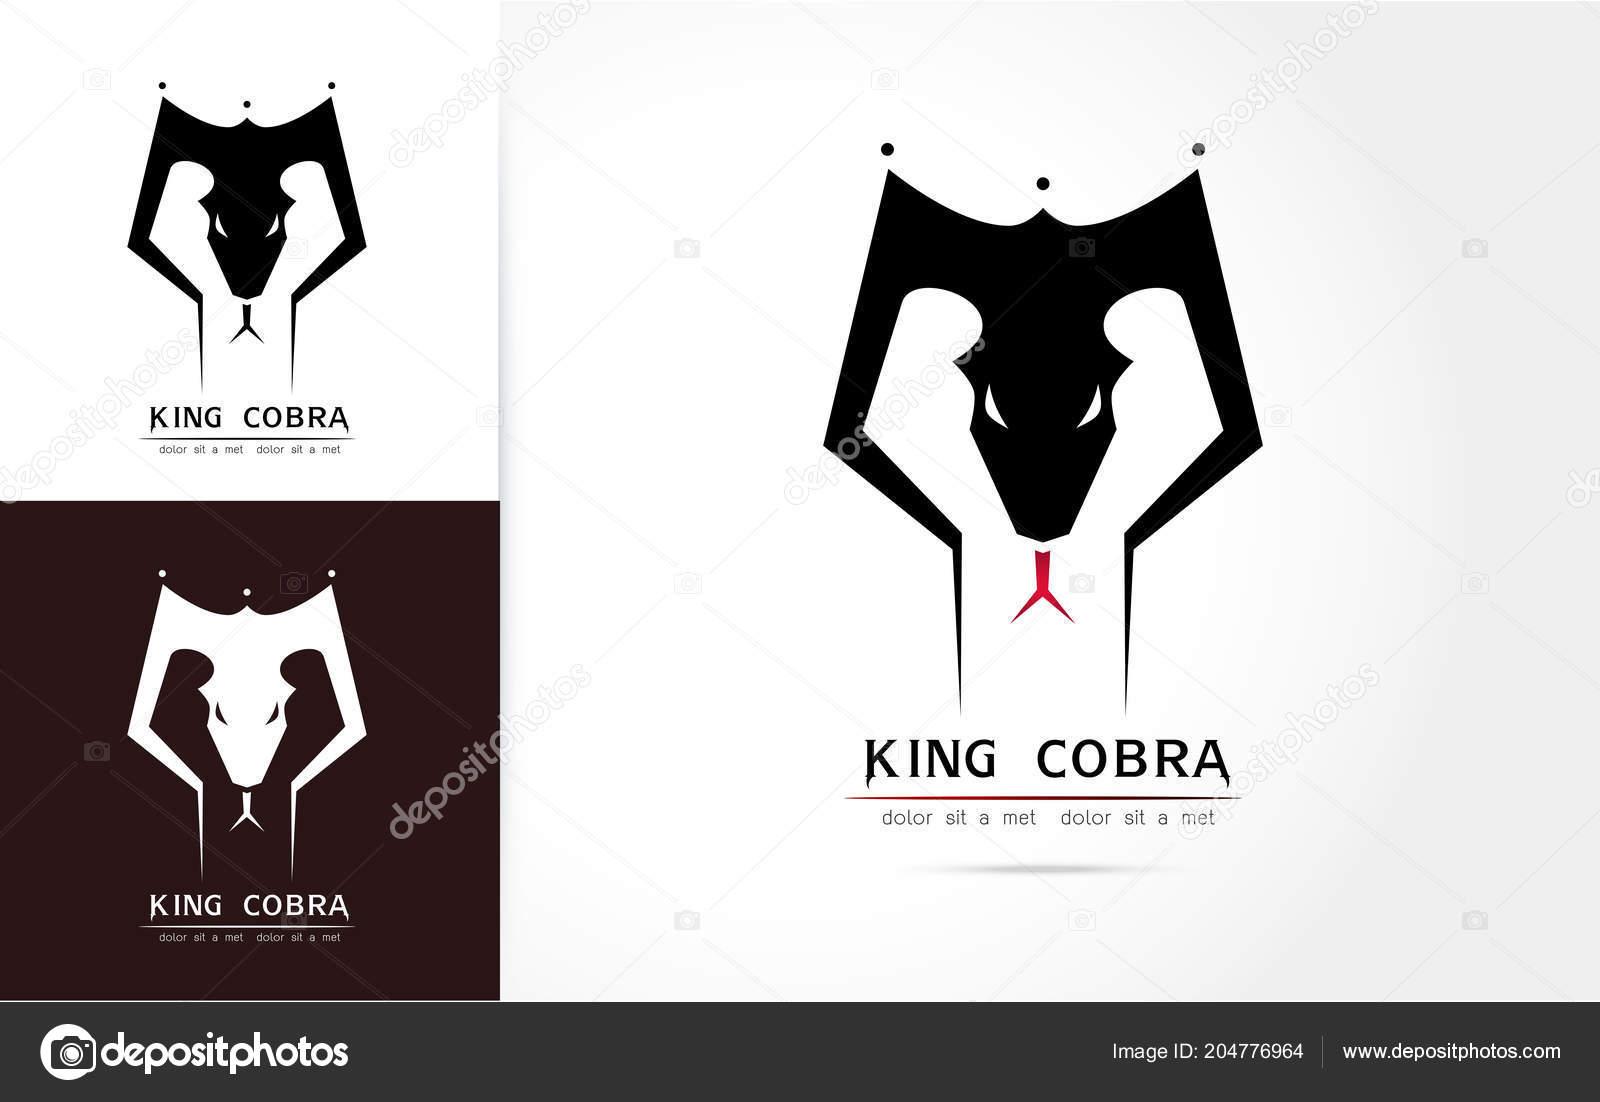 Stylized Image Graceful King Cobra Snake Silhouette Logo Icon Emblem